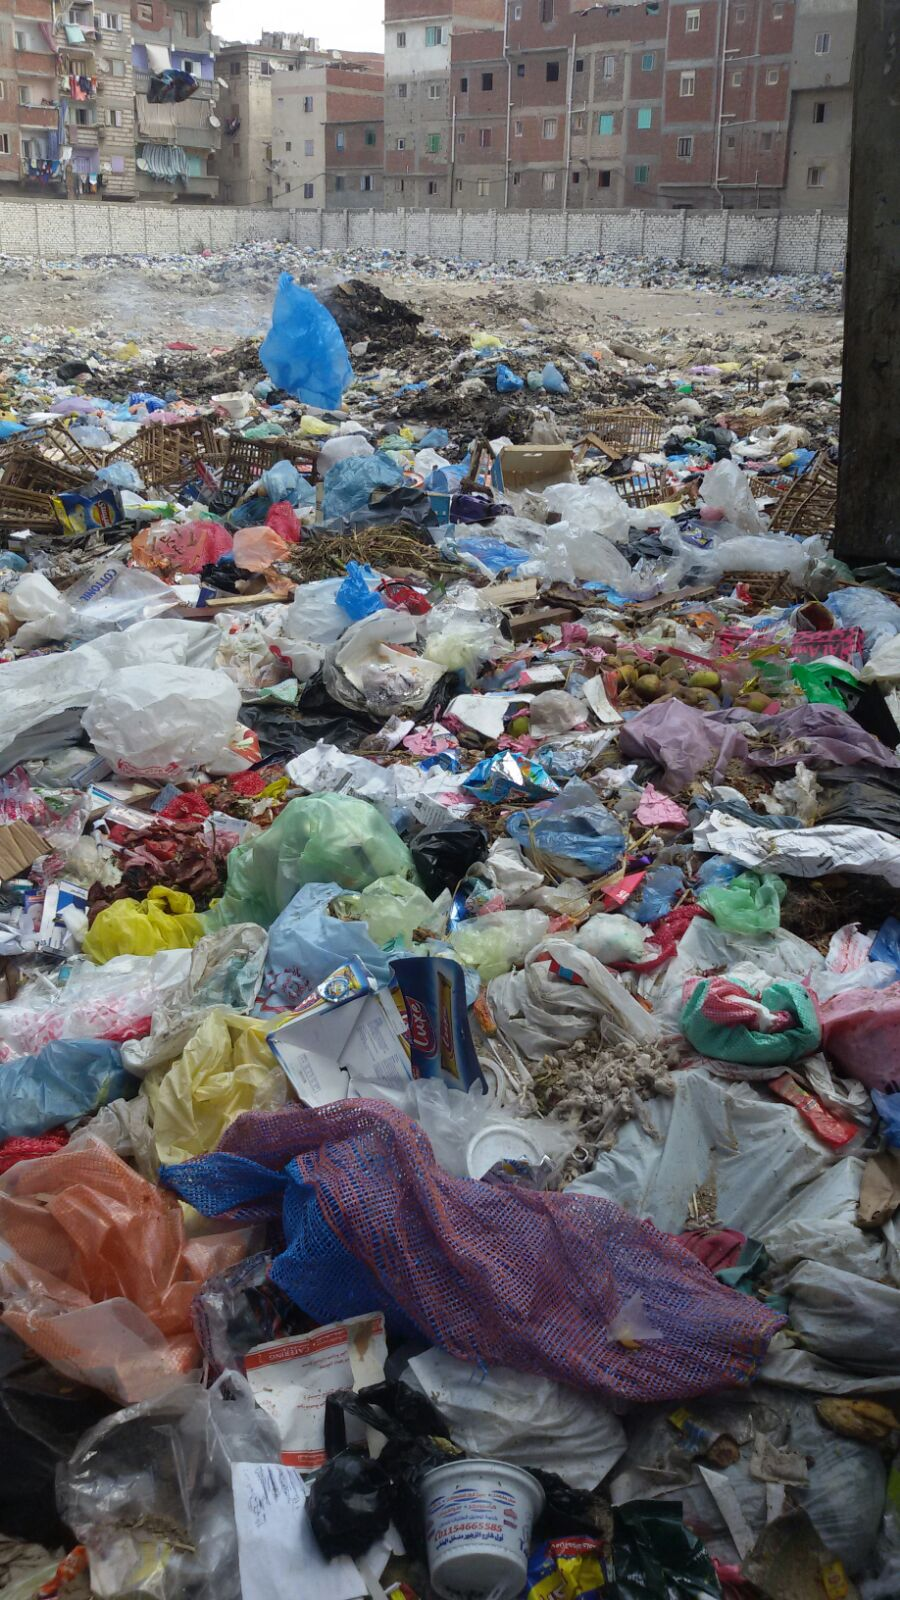 بالصور.. مواطنة تشكو تراكم القمامة في شارع بالإسكندرية.. وغرباء يشربون المخدرات